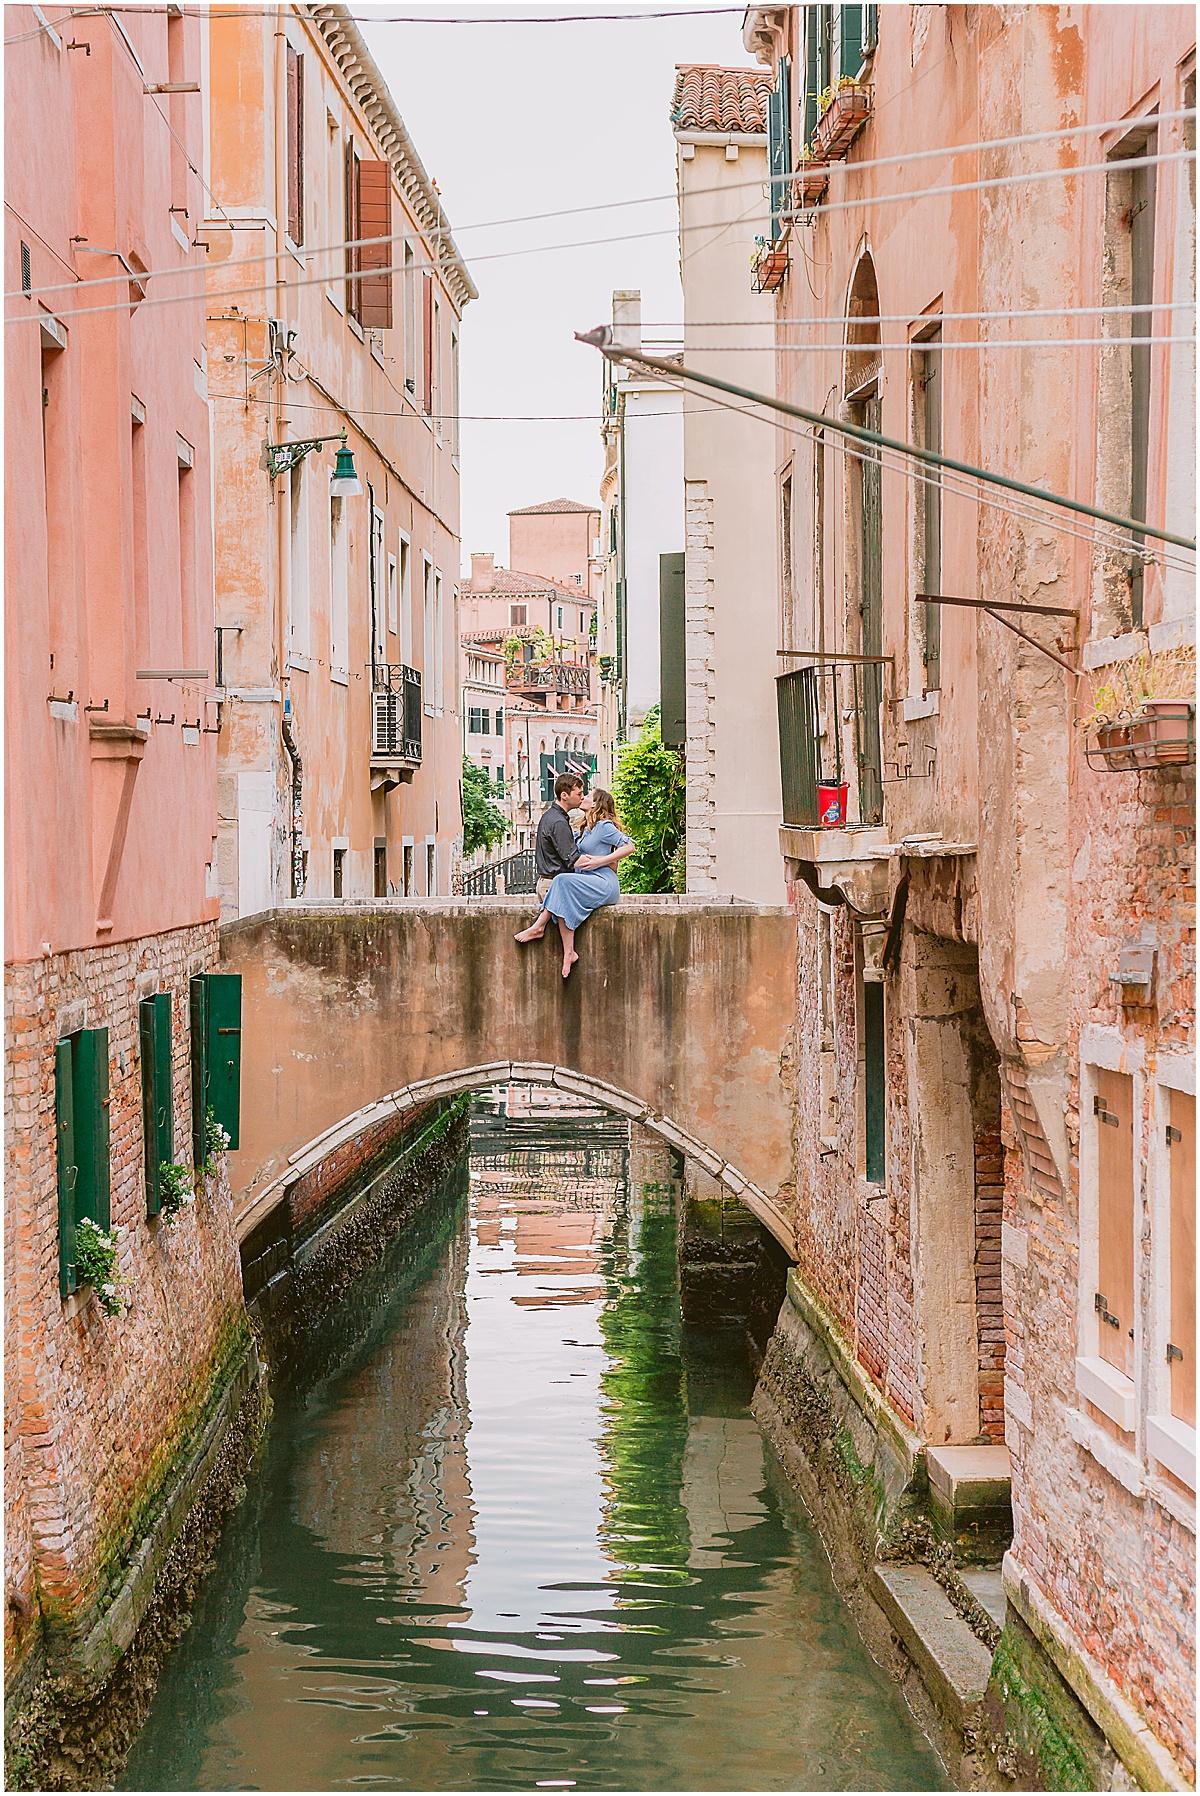 lifestyle-photographer-couple-in-venice-gondola-sunset-stefano-degirmenci_0305.jpg